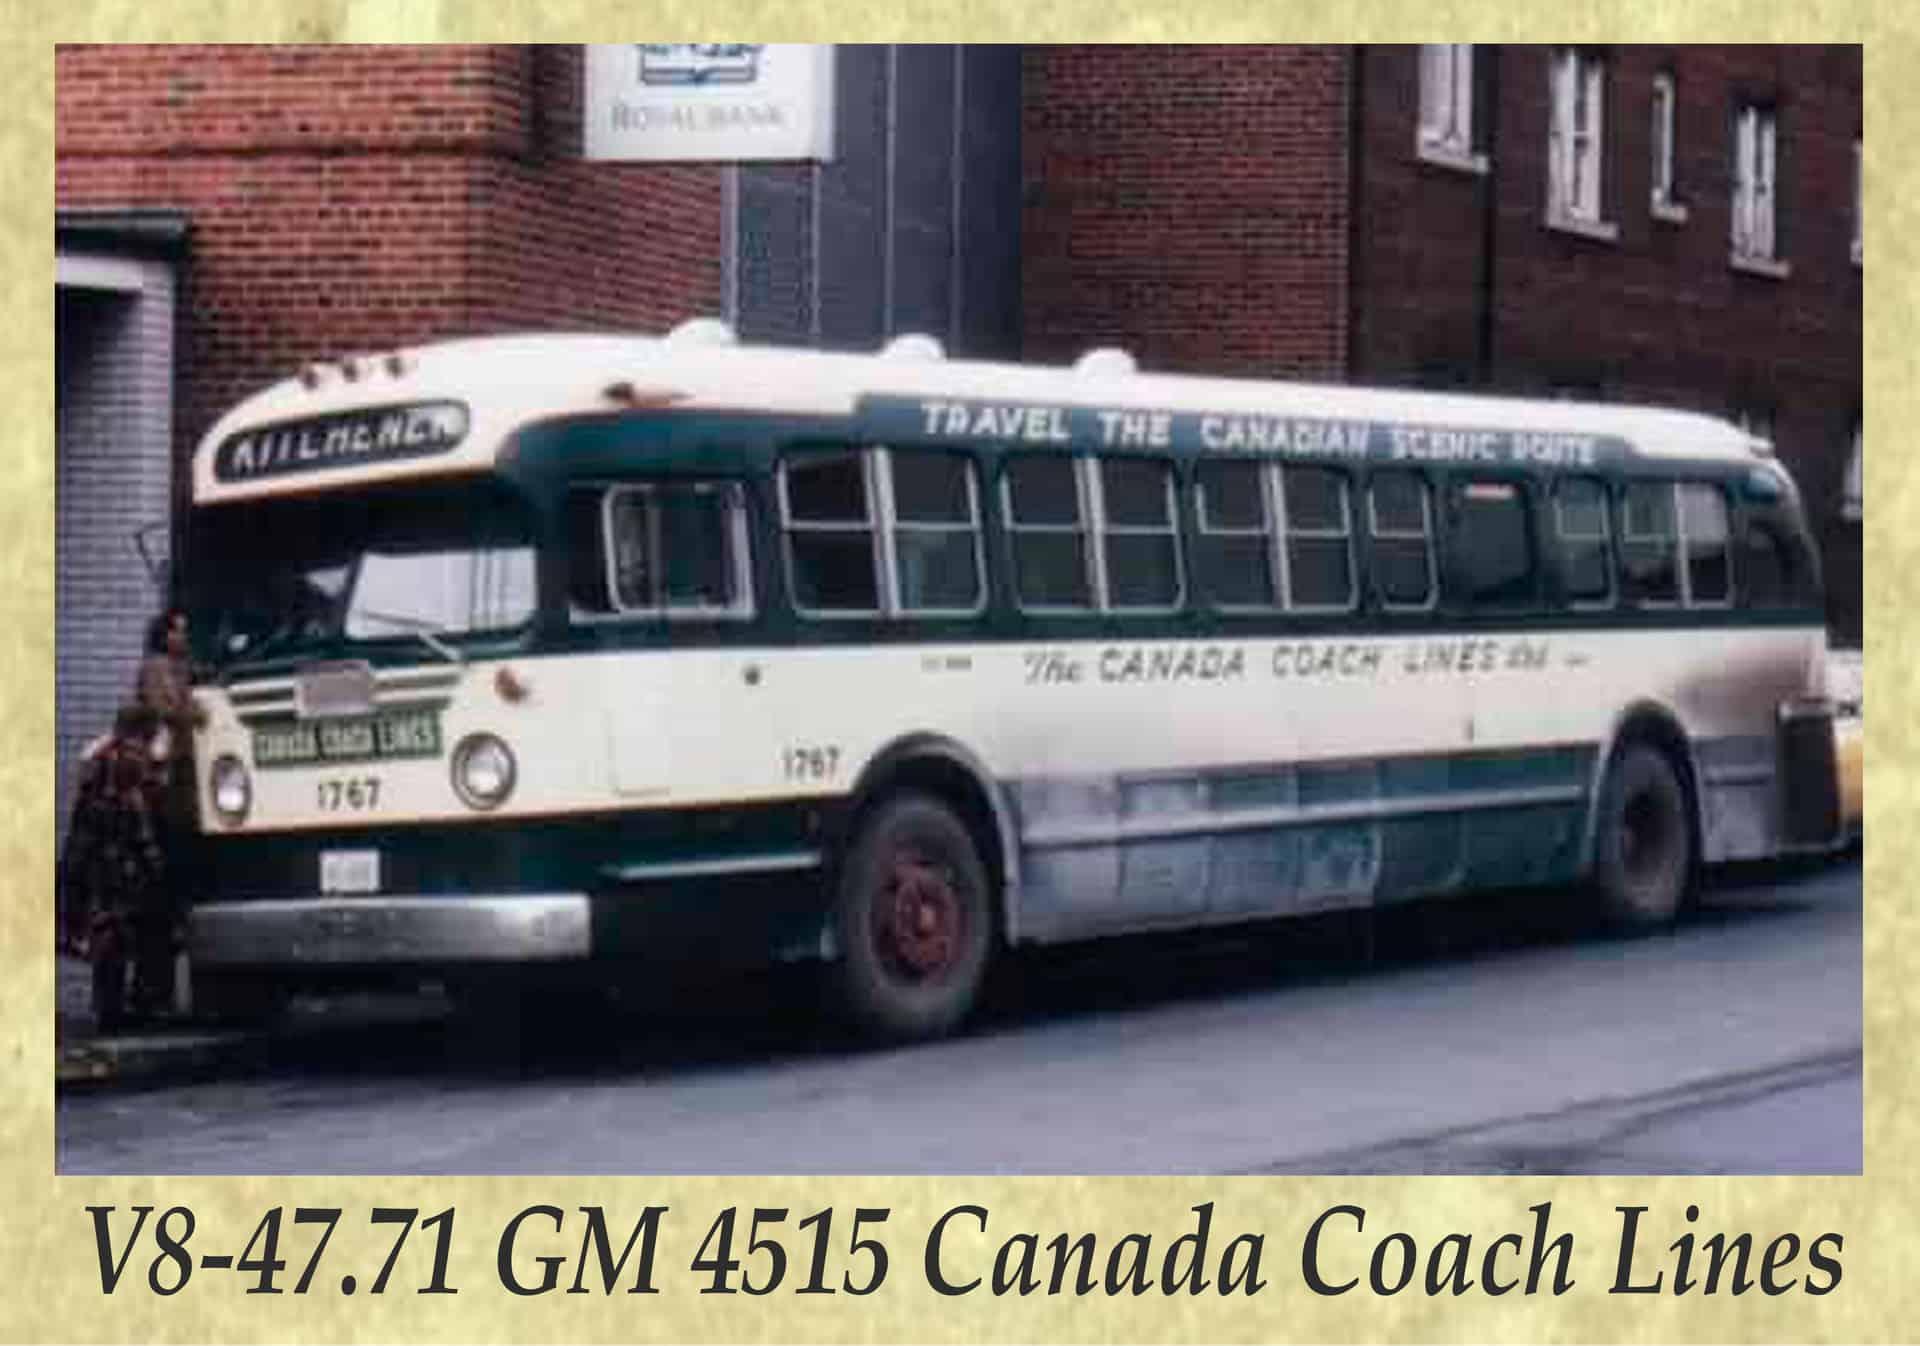 V8-47.71 GM 4515 Canada Coach Lines